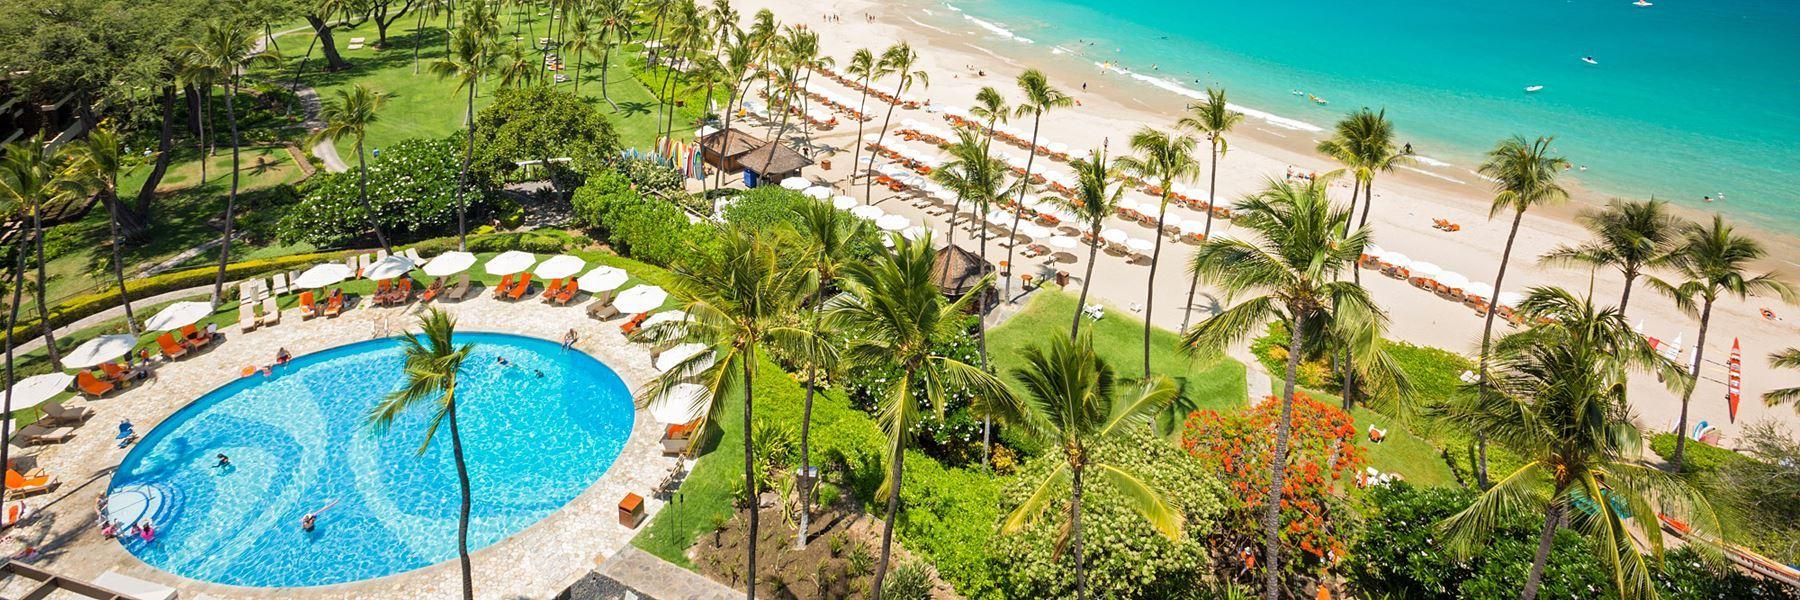 Mauna Kea Beach Hotel Hawaii Island Hawaii American Sky